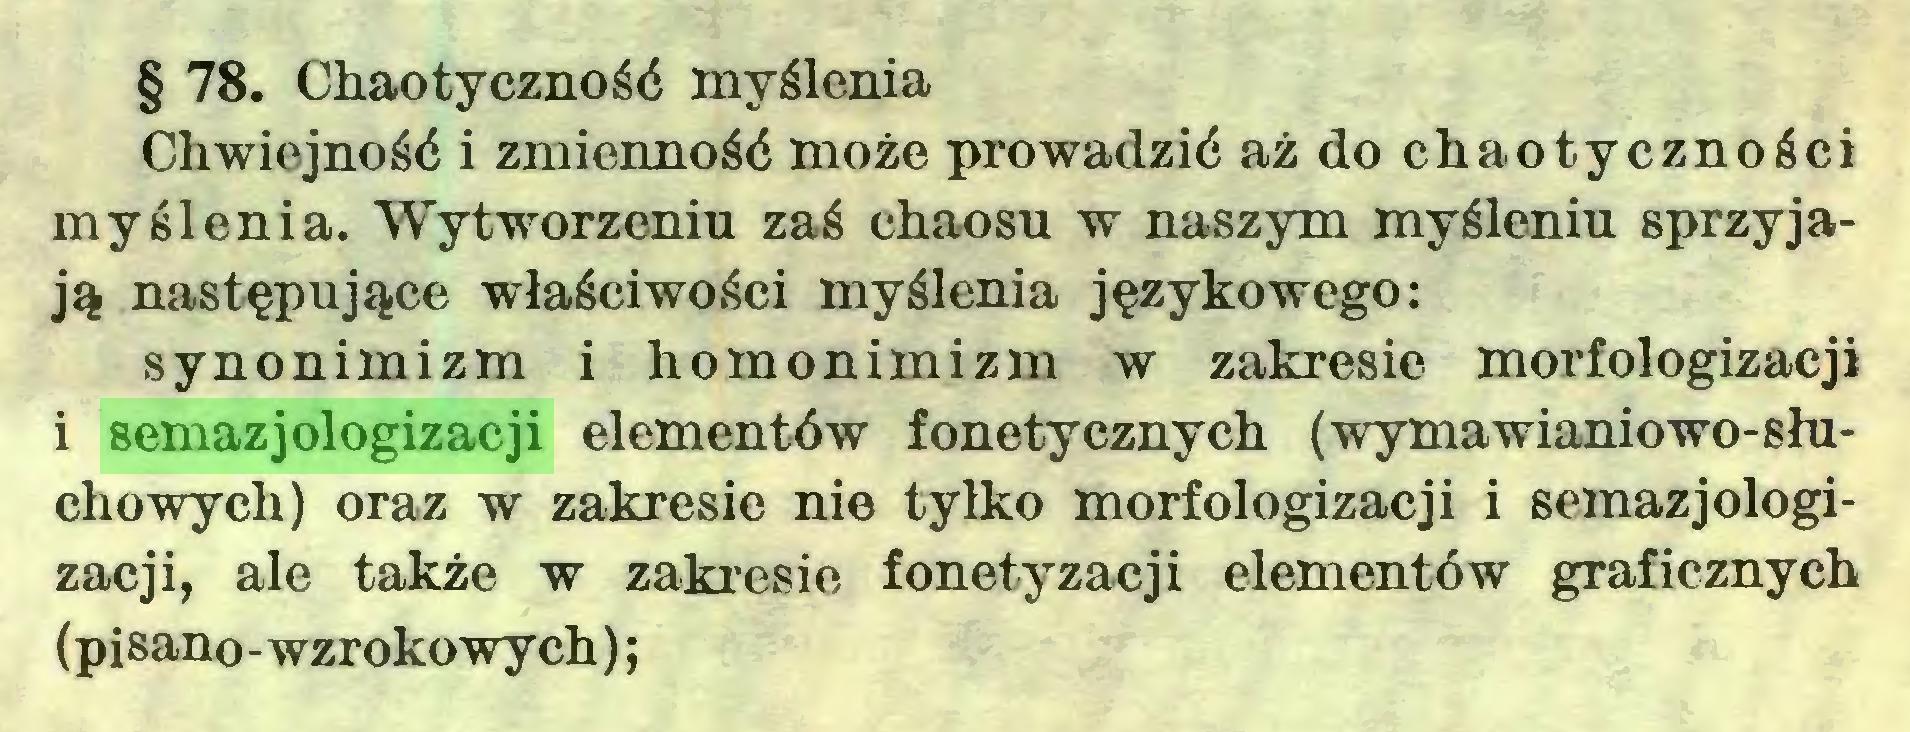 (...) § 78. Chaotyczność myślenia Chwiejność i zmienność może prowadzić aż do chaotyczności myślenia. Wytworzeniu zaś chaosu w naszym myśleniu sprzyjają następujące właściwości myślenia językowego: synonimizm i homonimizm w zakresie morfologizacji i semazjologizacji elementów fonetycznych (wymawianiowo-słuchowych) oraz w zakresie nie tylko morfologizacji i semazjologizacji, ale także w zakresie fonetyzacji elementów graficznych (pisano-wzrokowych) ;...